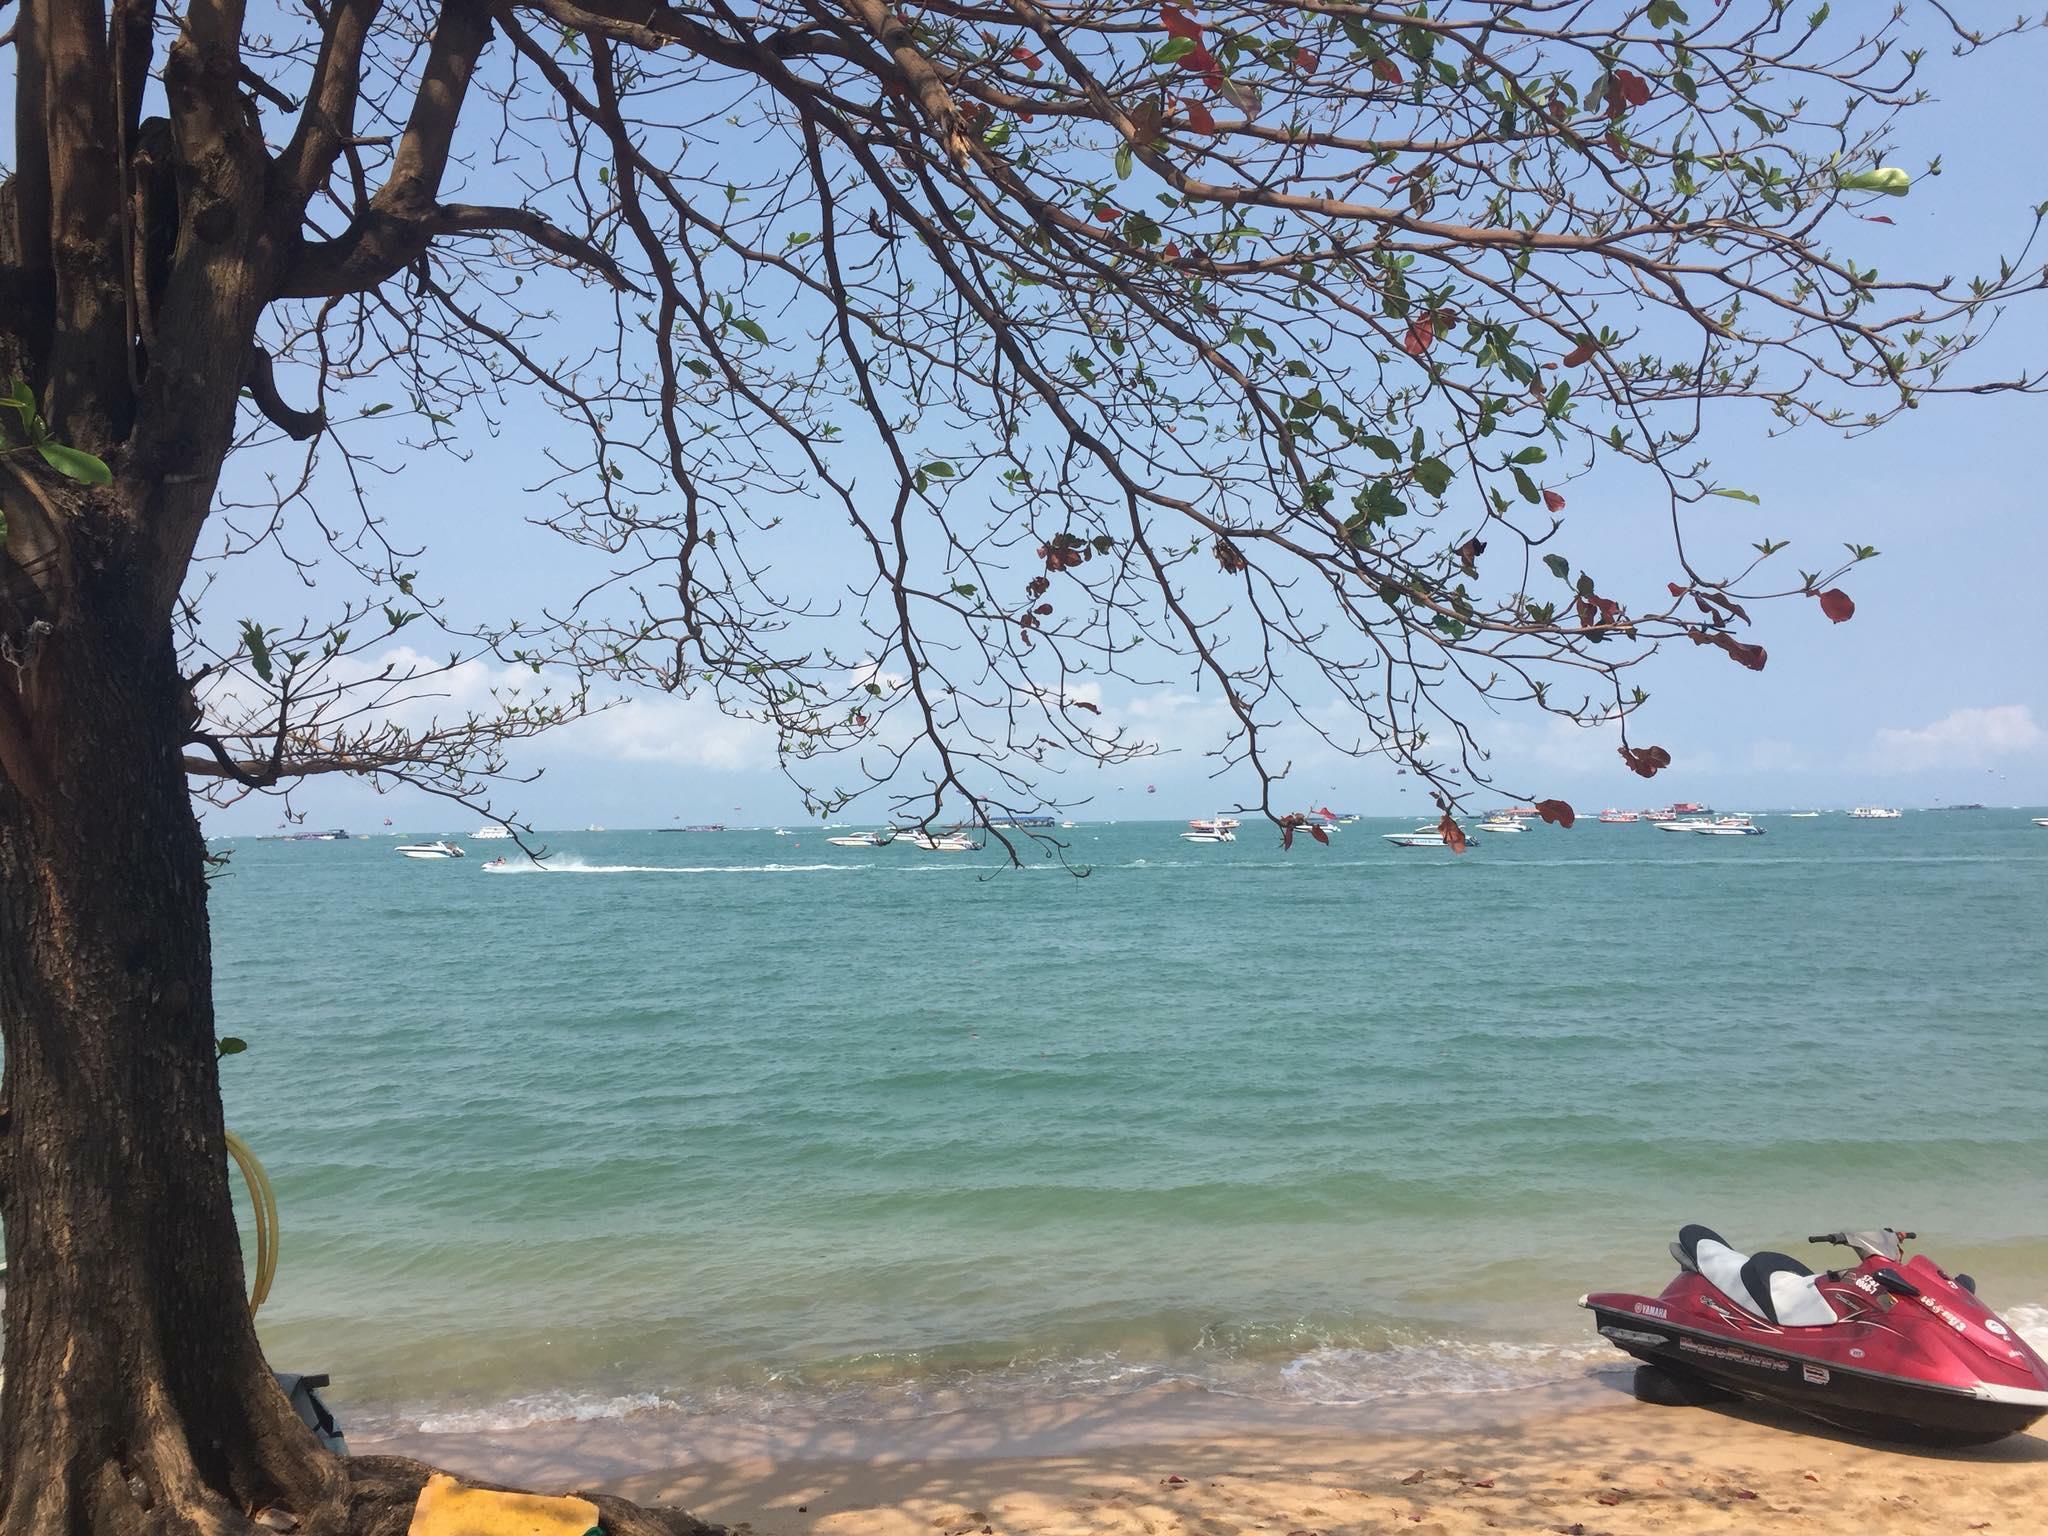 ชายหาด พัทยาใต้